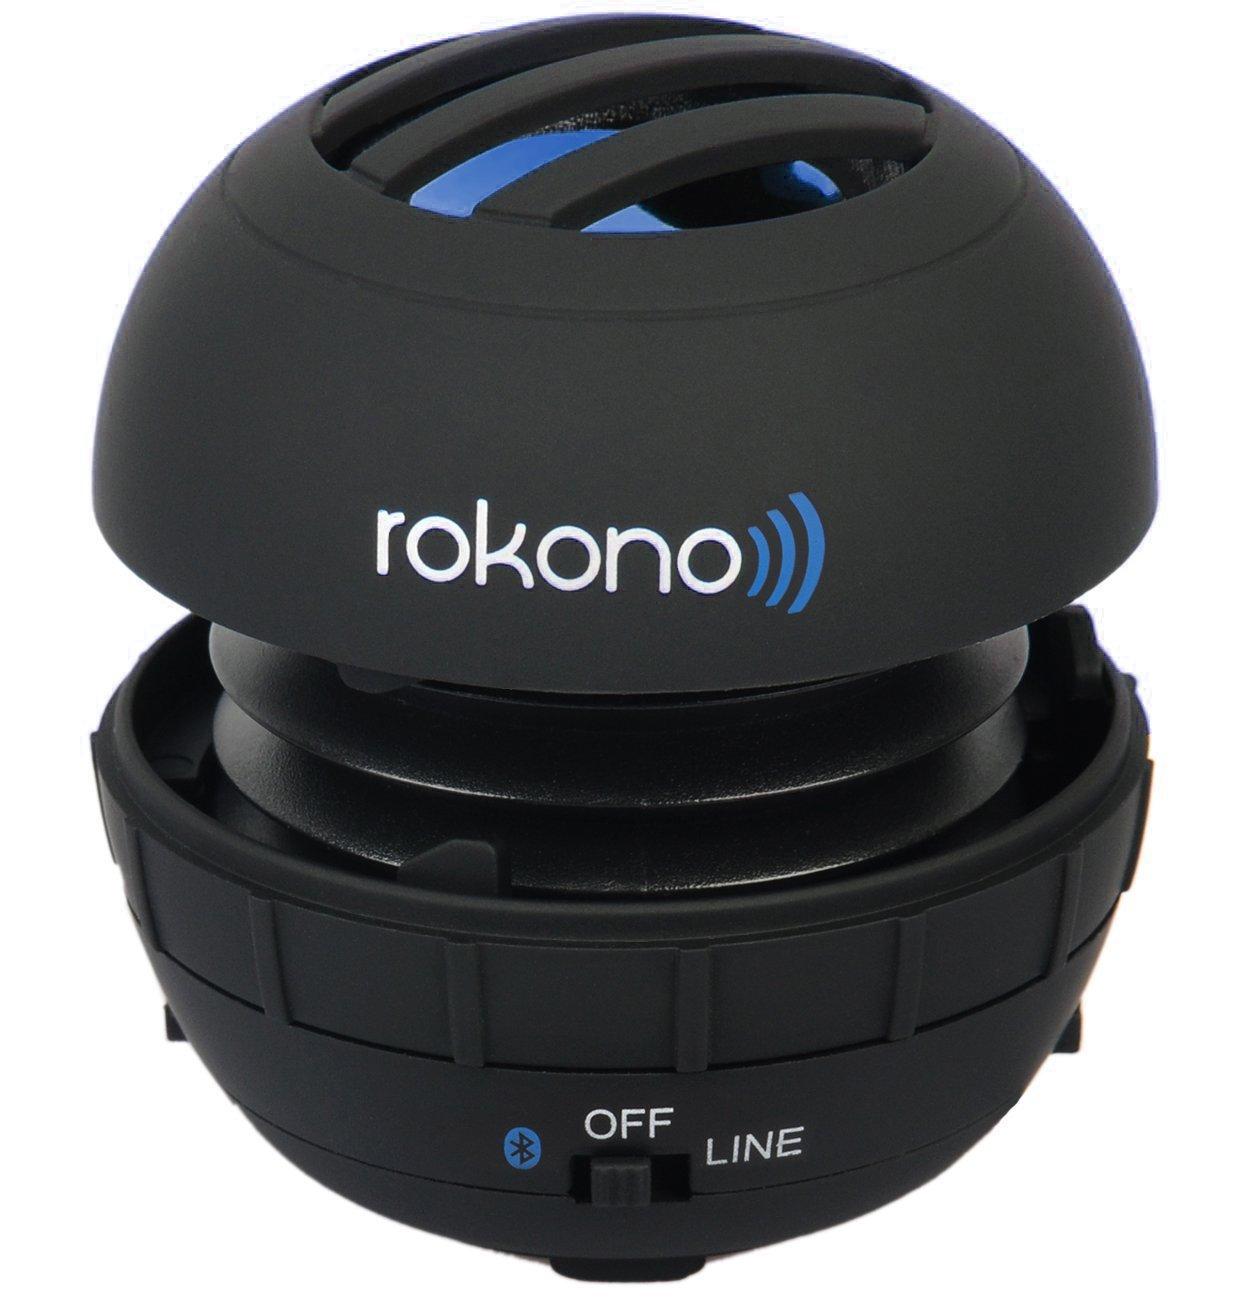 Rokono G10 Mini Bluetooth Speaker